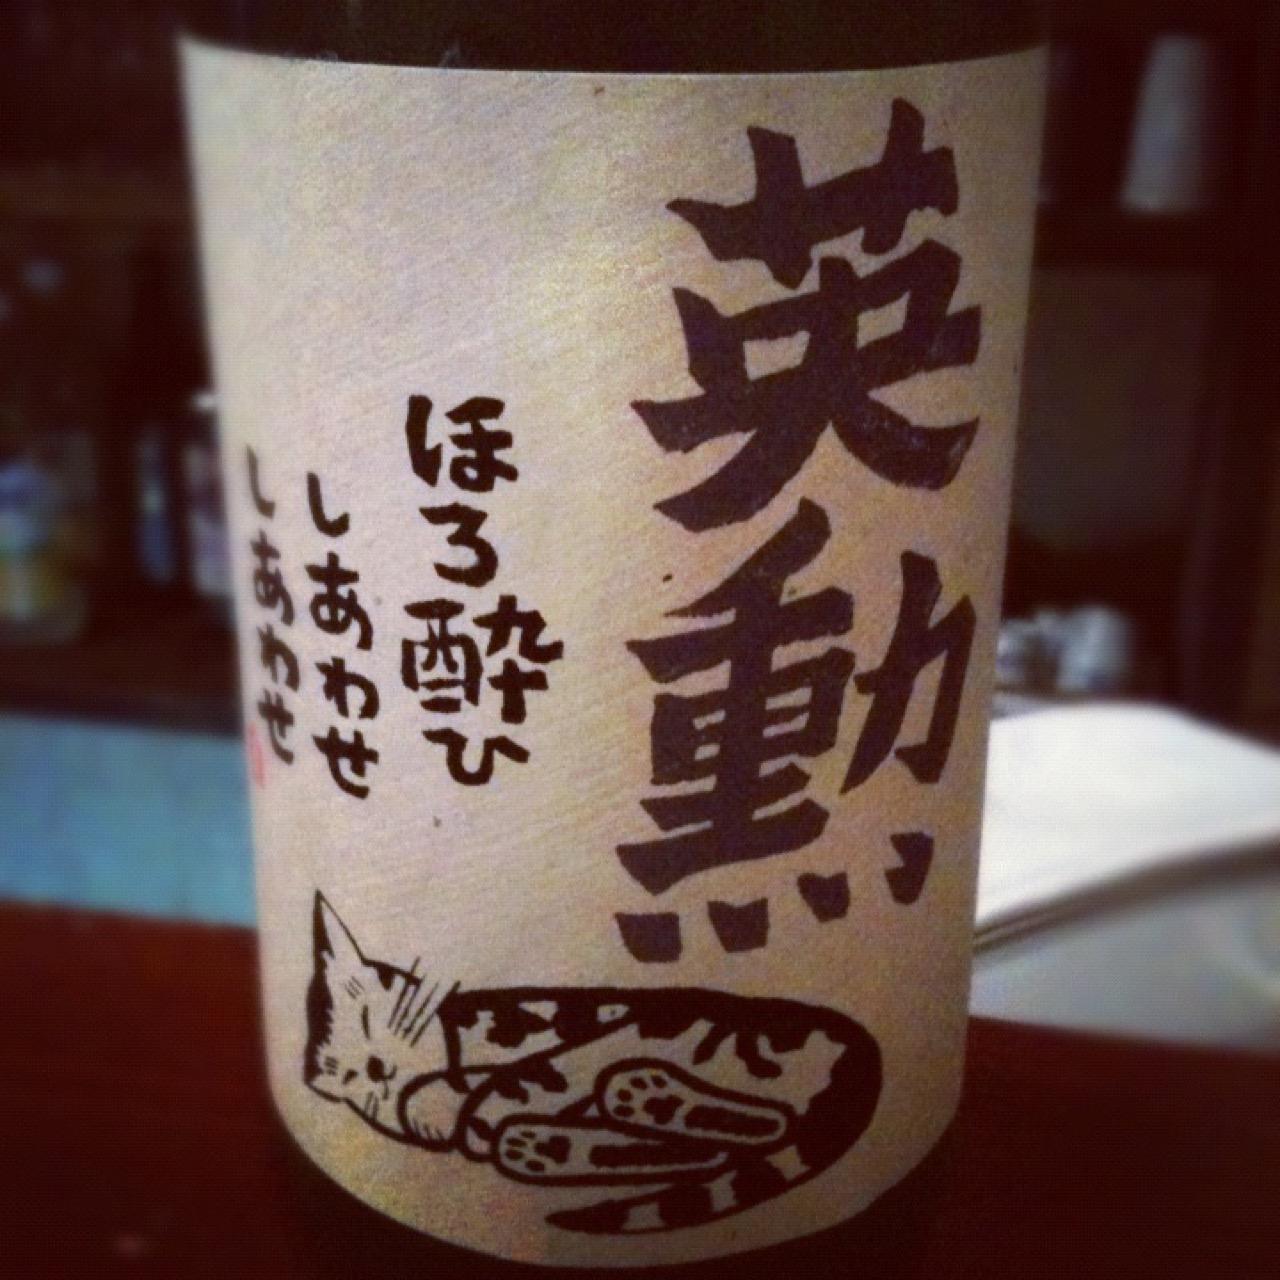 齊藤酒造「英勲 無圧しぼり 特別純米原酒」日本酒テイスティングノート